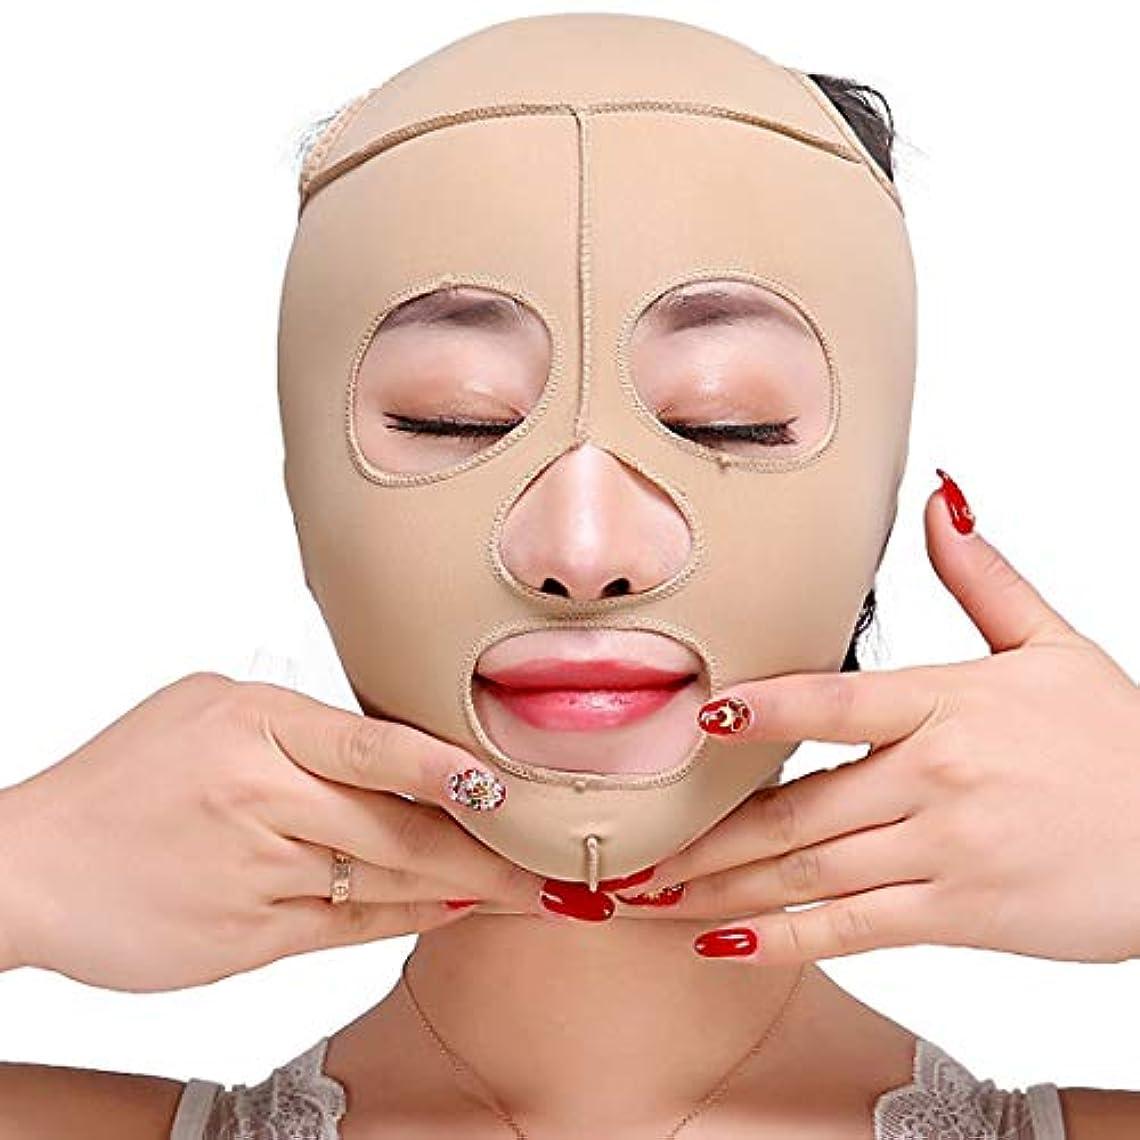 羽災害スケッチZWBD フェイスマスク, フェイスリフティング包帯Vフェイスリフティングと締め付けフェイスリフティングマスクラインカービングヘッドカバー術後回復顔整形包帯